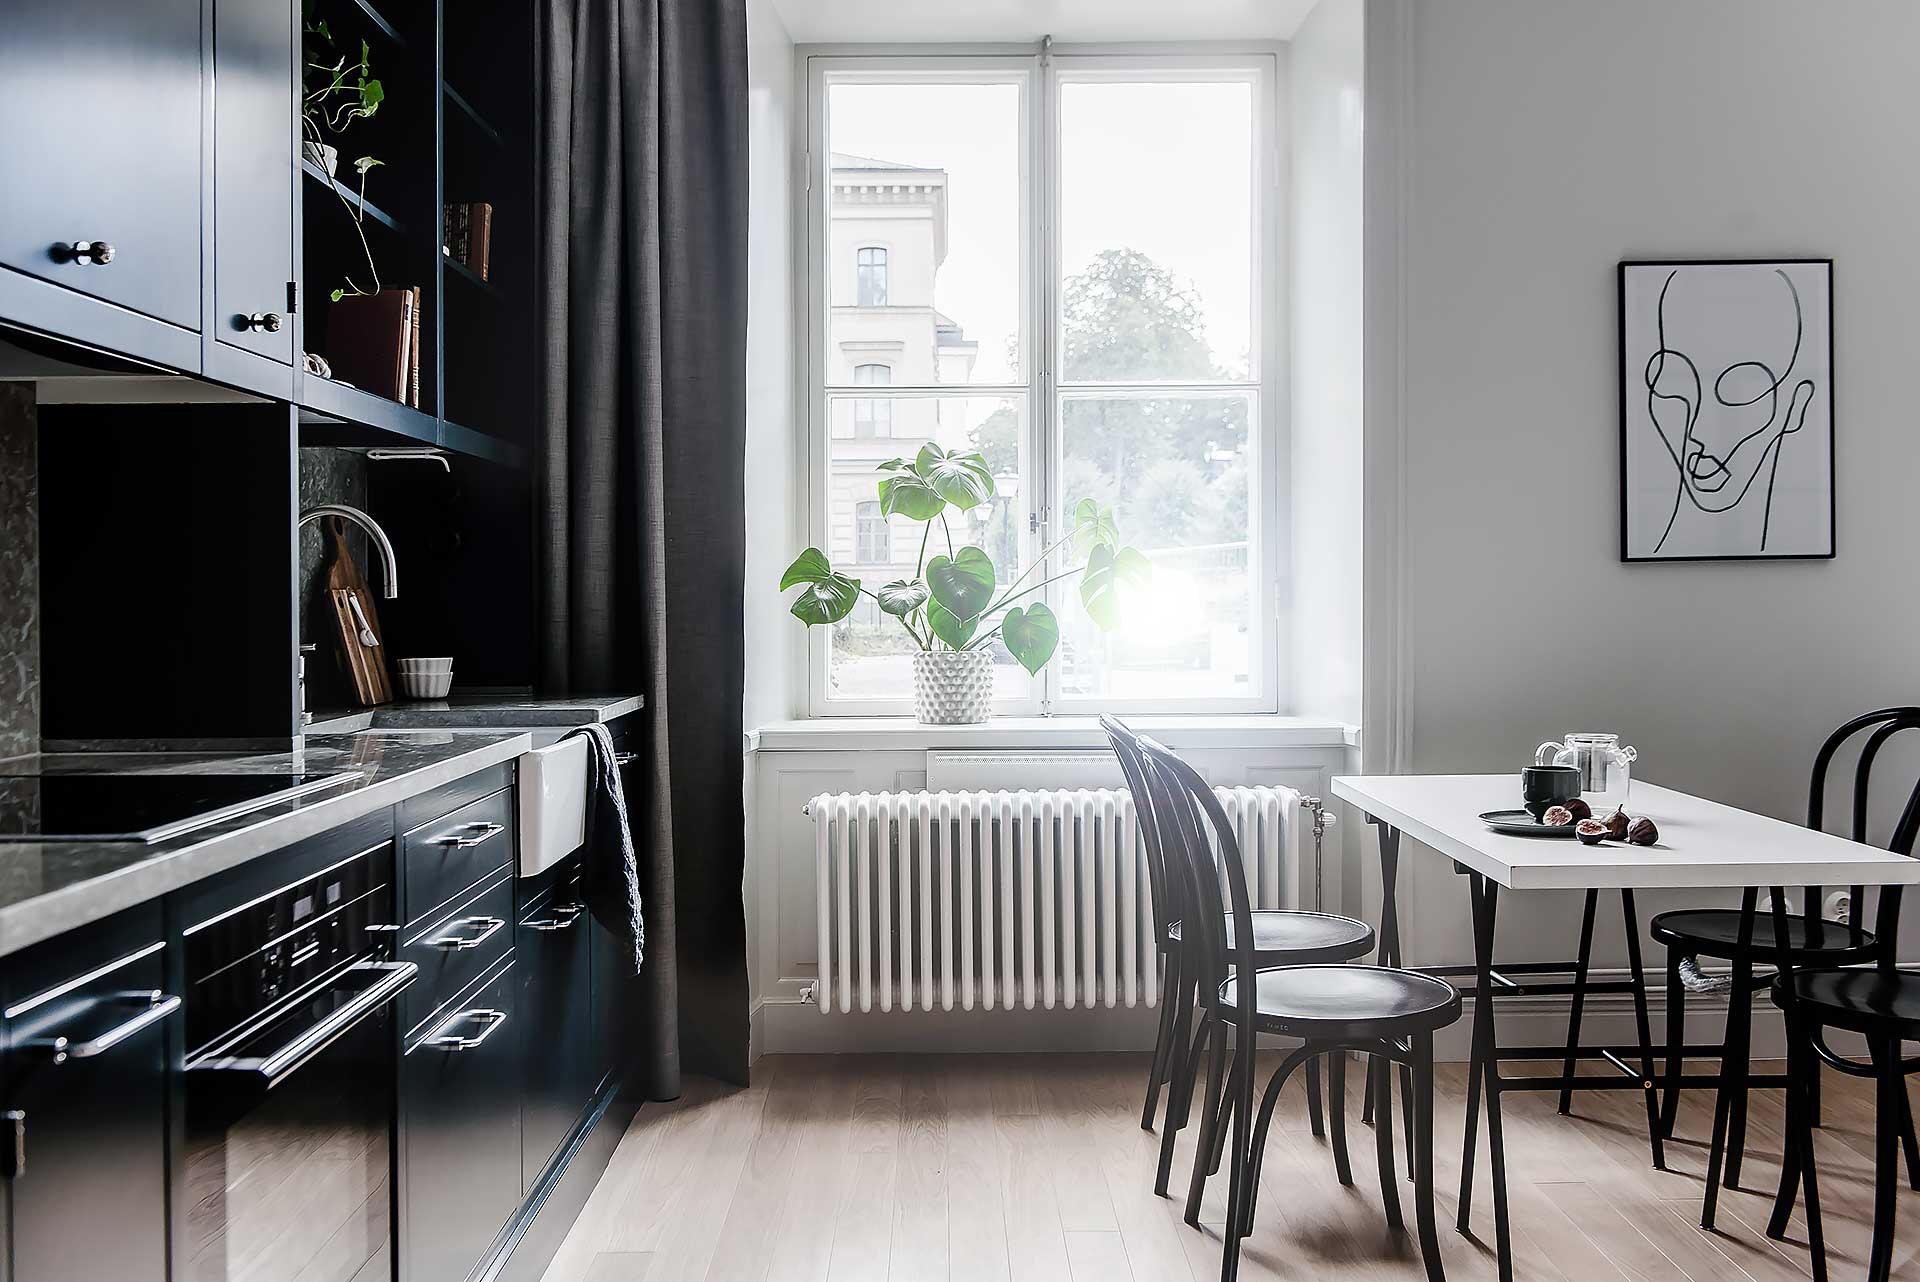 квартира студия кухня мебель темные фасады стол стулья окно шторы